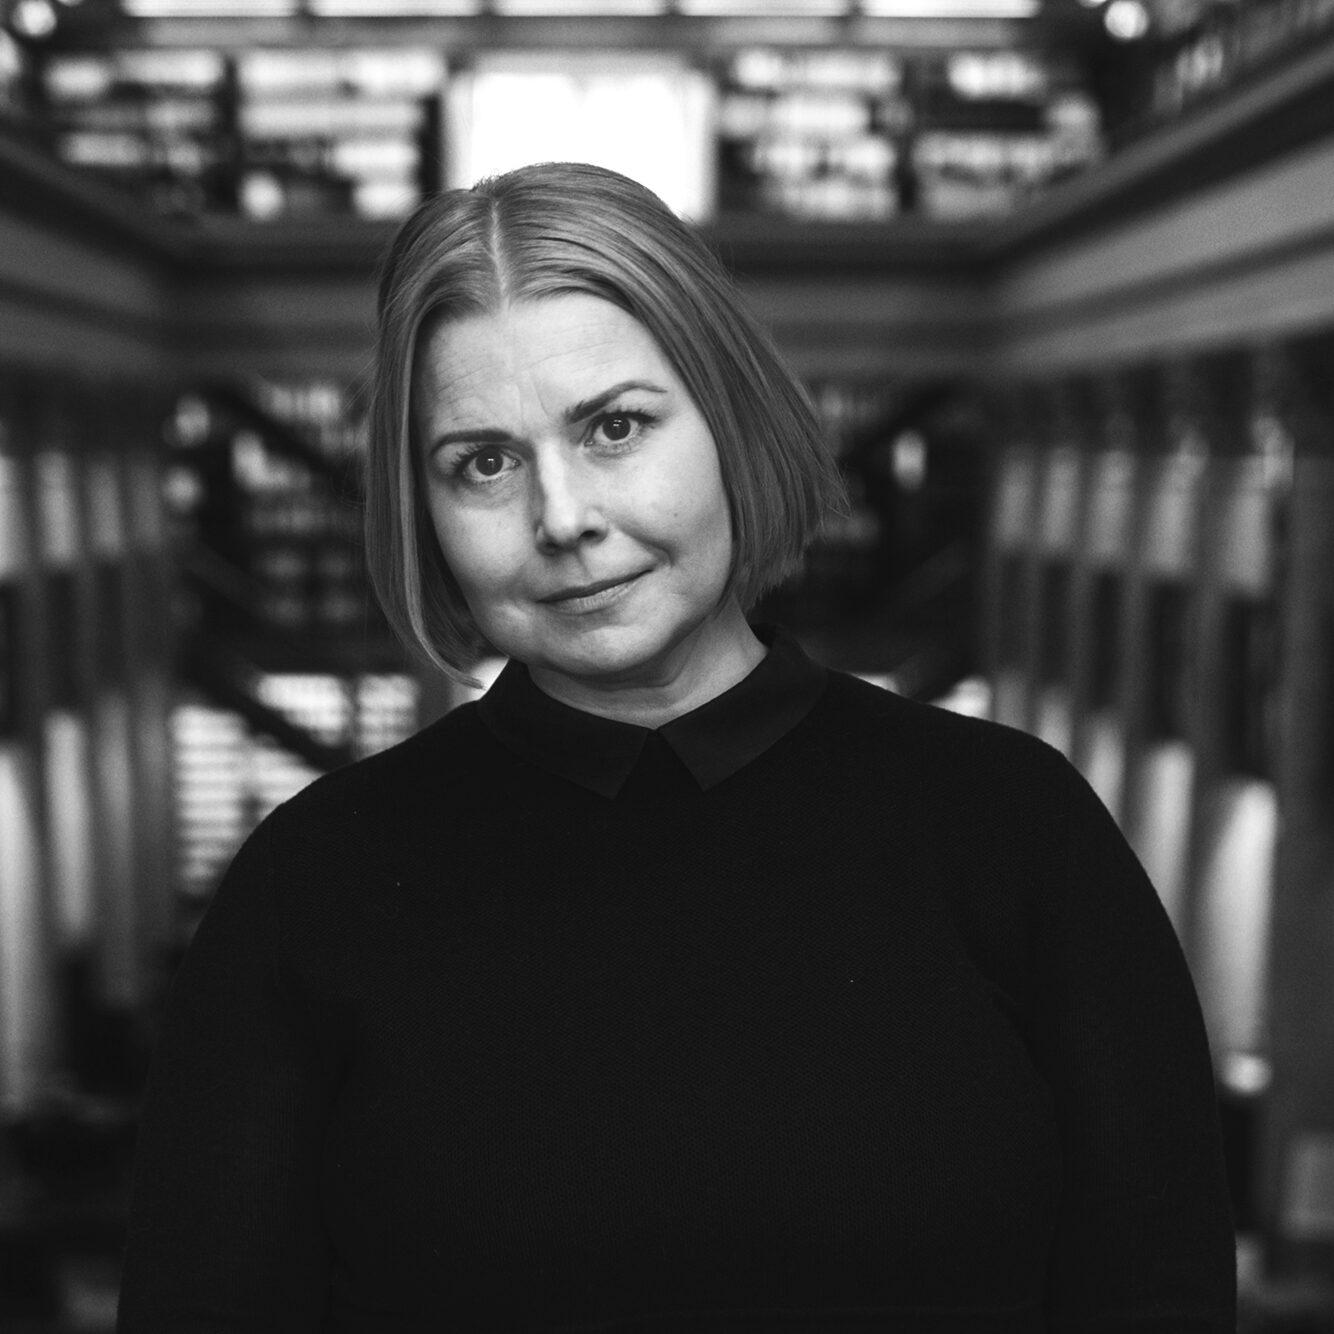 Lotta_Hautamaki